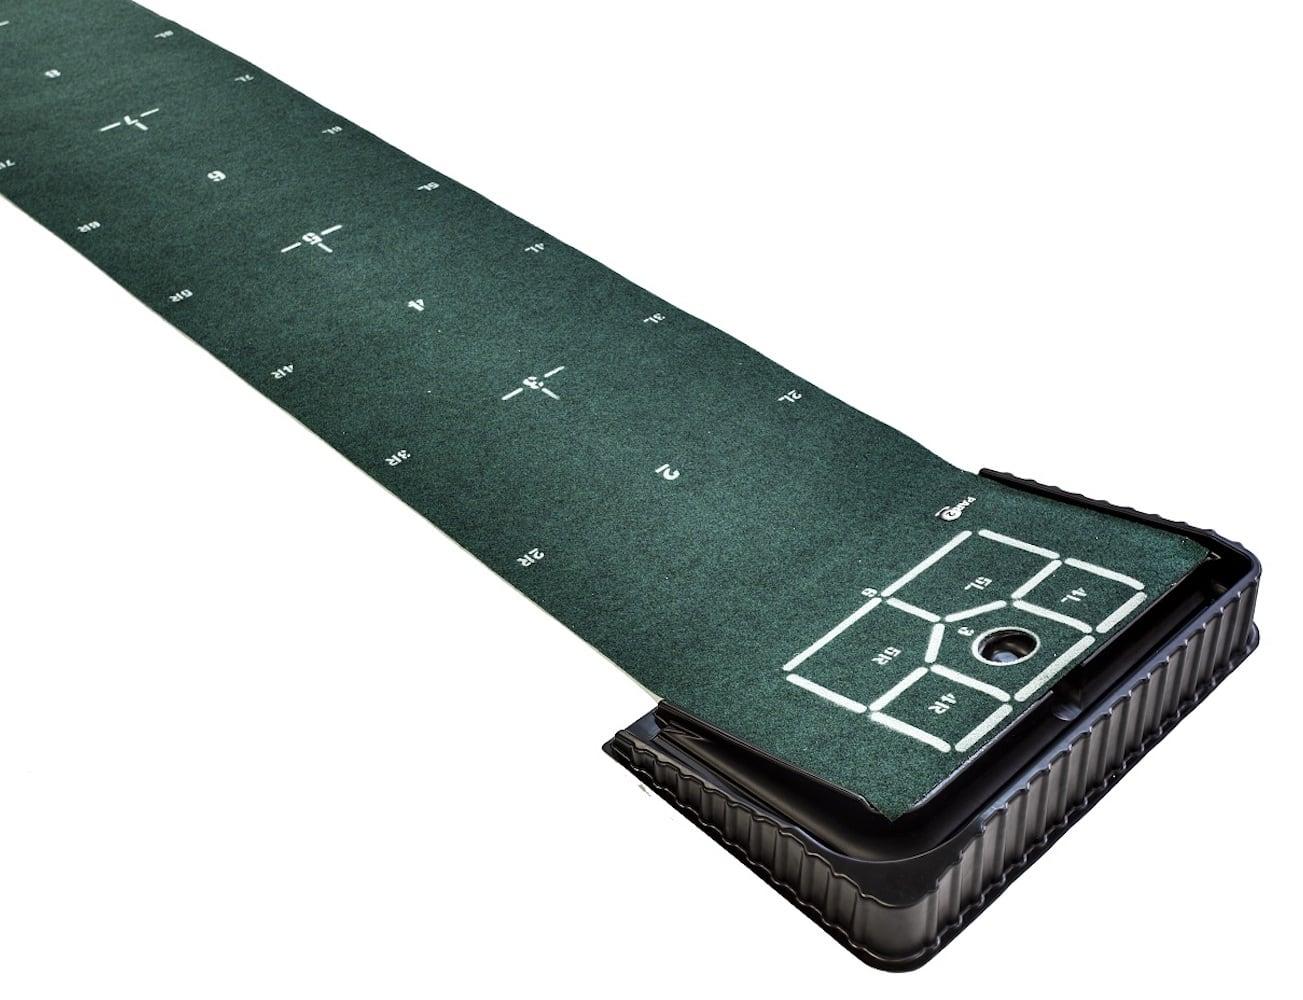 PAR2 Portable Putting Game